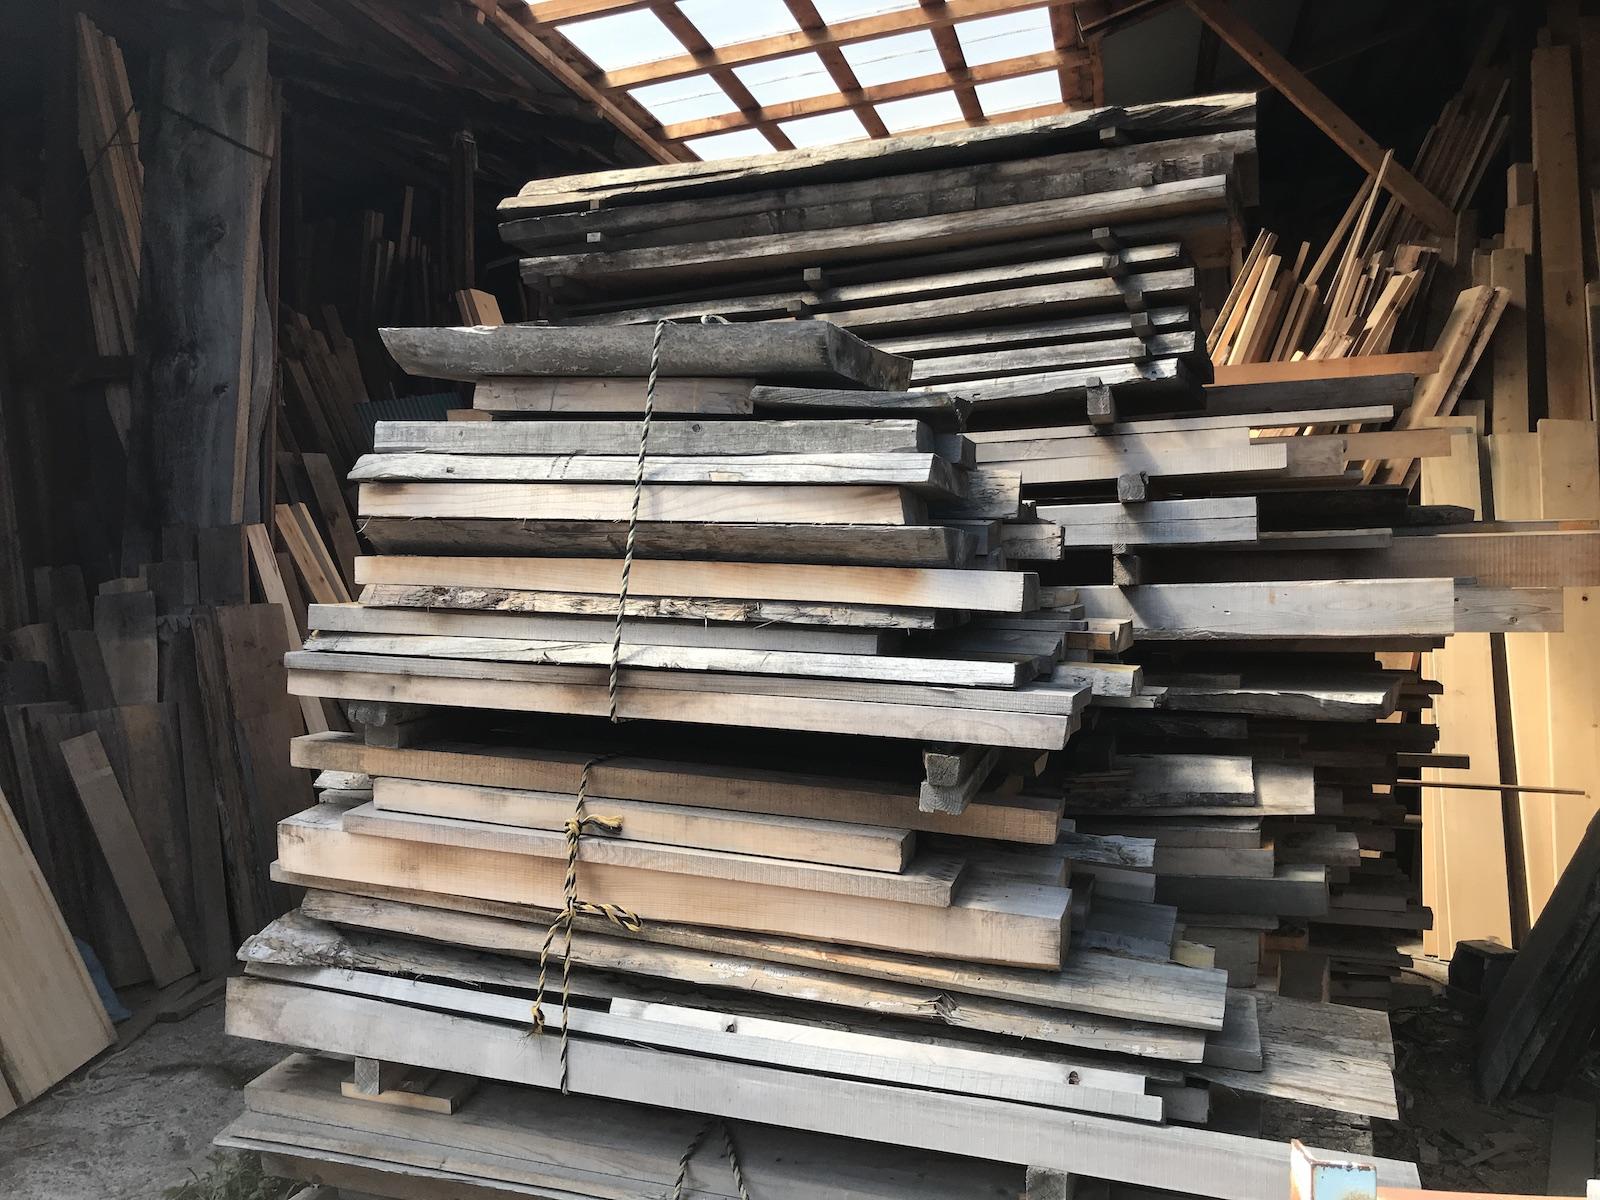 沖倉製作所で乾燥されてる木材